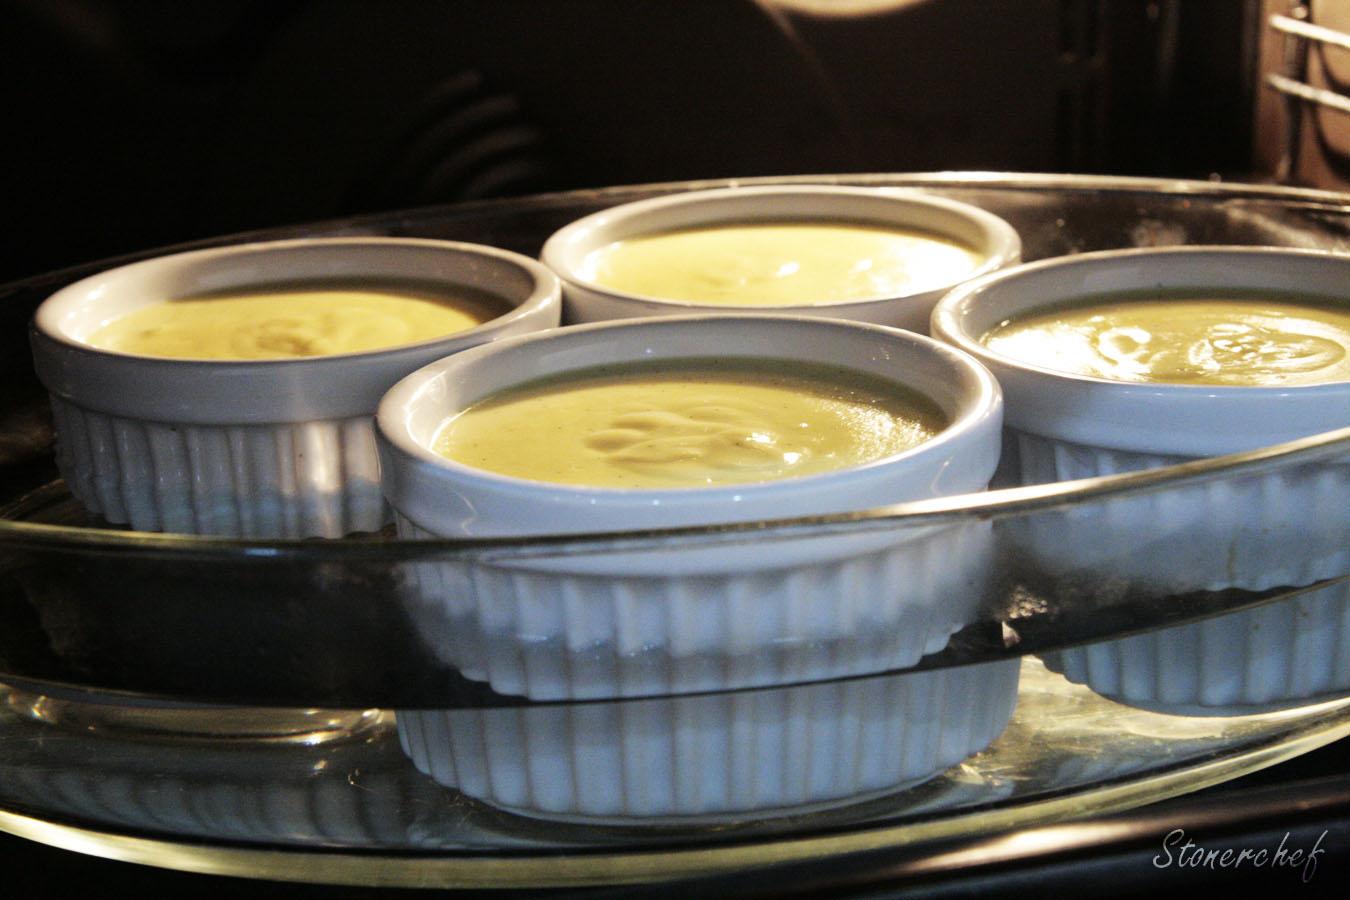 creme brulee wkładany do piekarnika